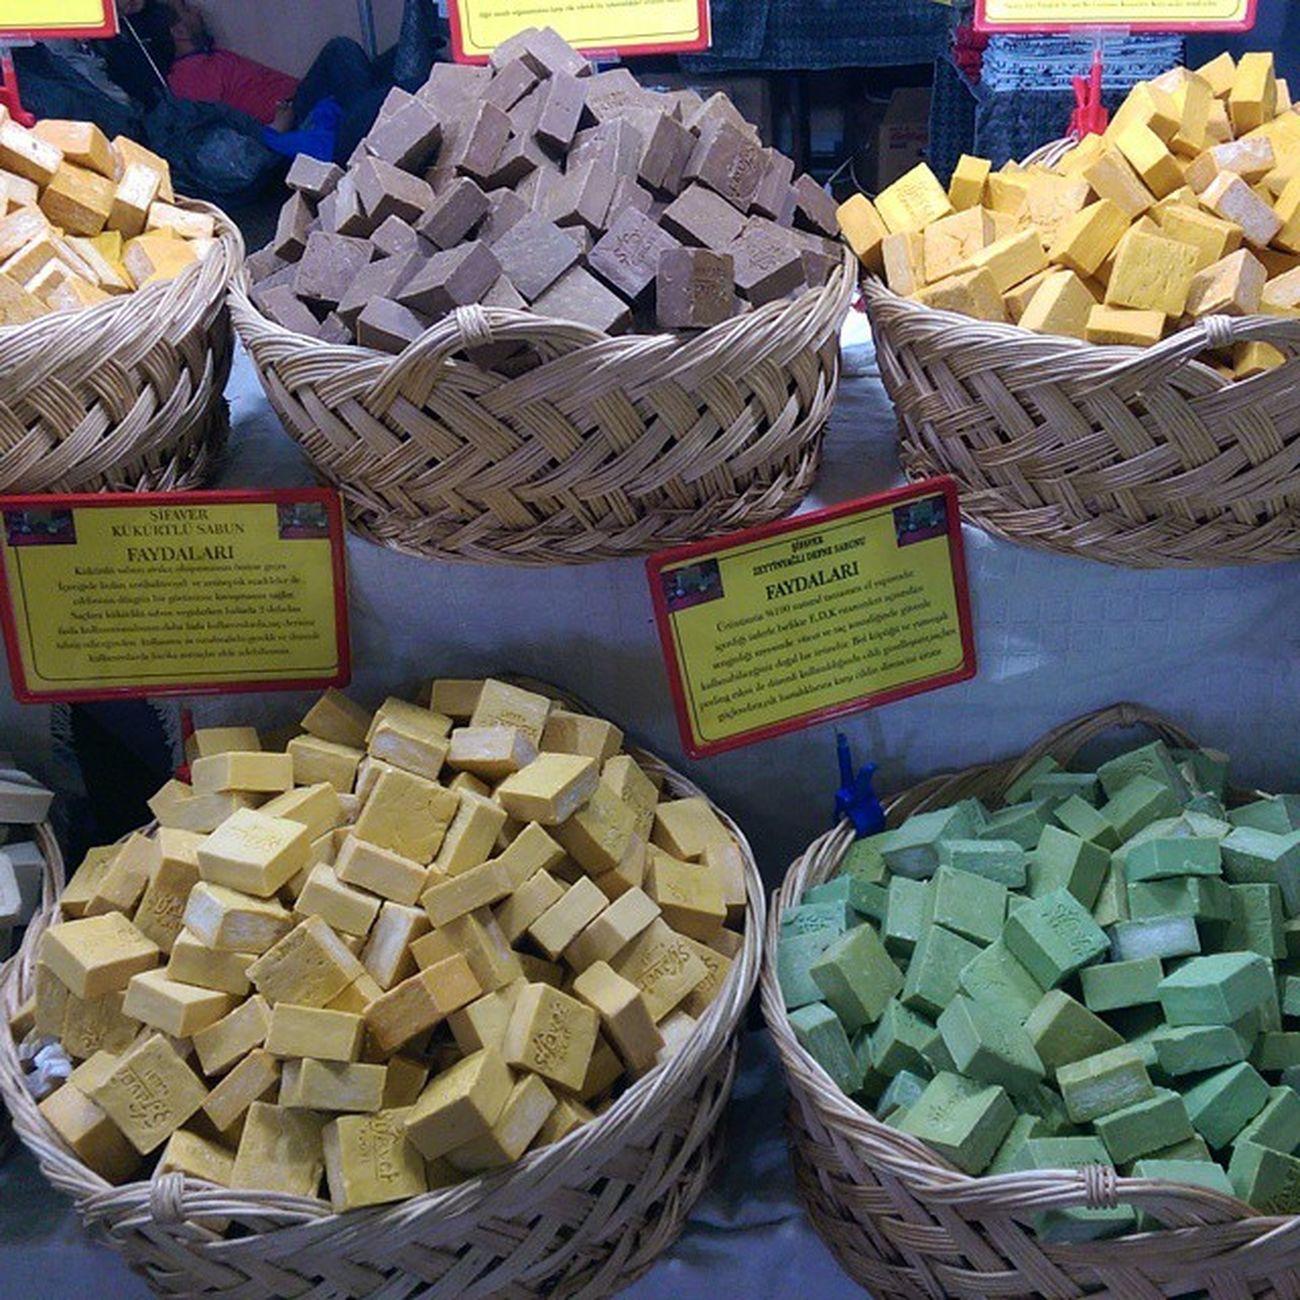 Mis gibi renk renk sabunlar... Feshane Kastamonu Günleri Feshane Kastamonu Eyüpsultan  Istanbul kermes senlik yoresel color